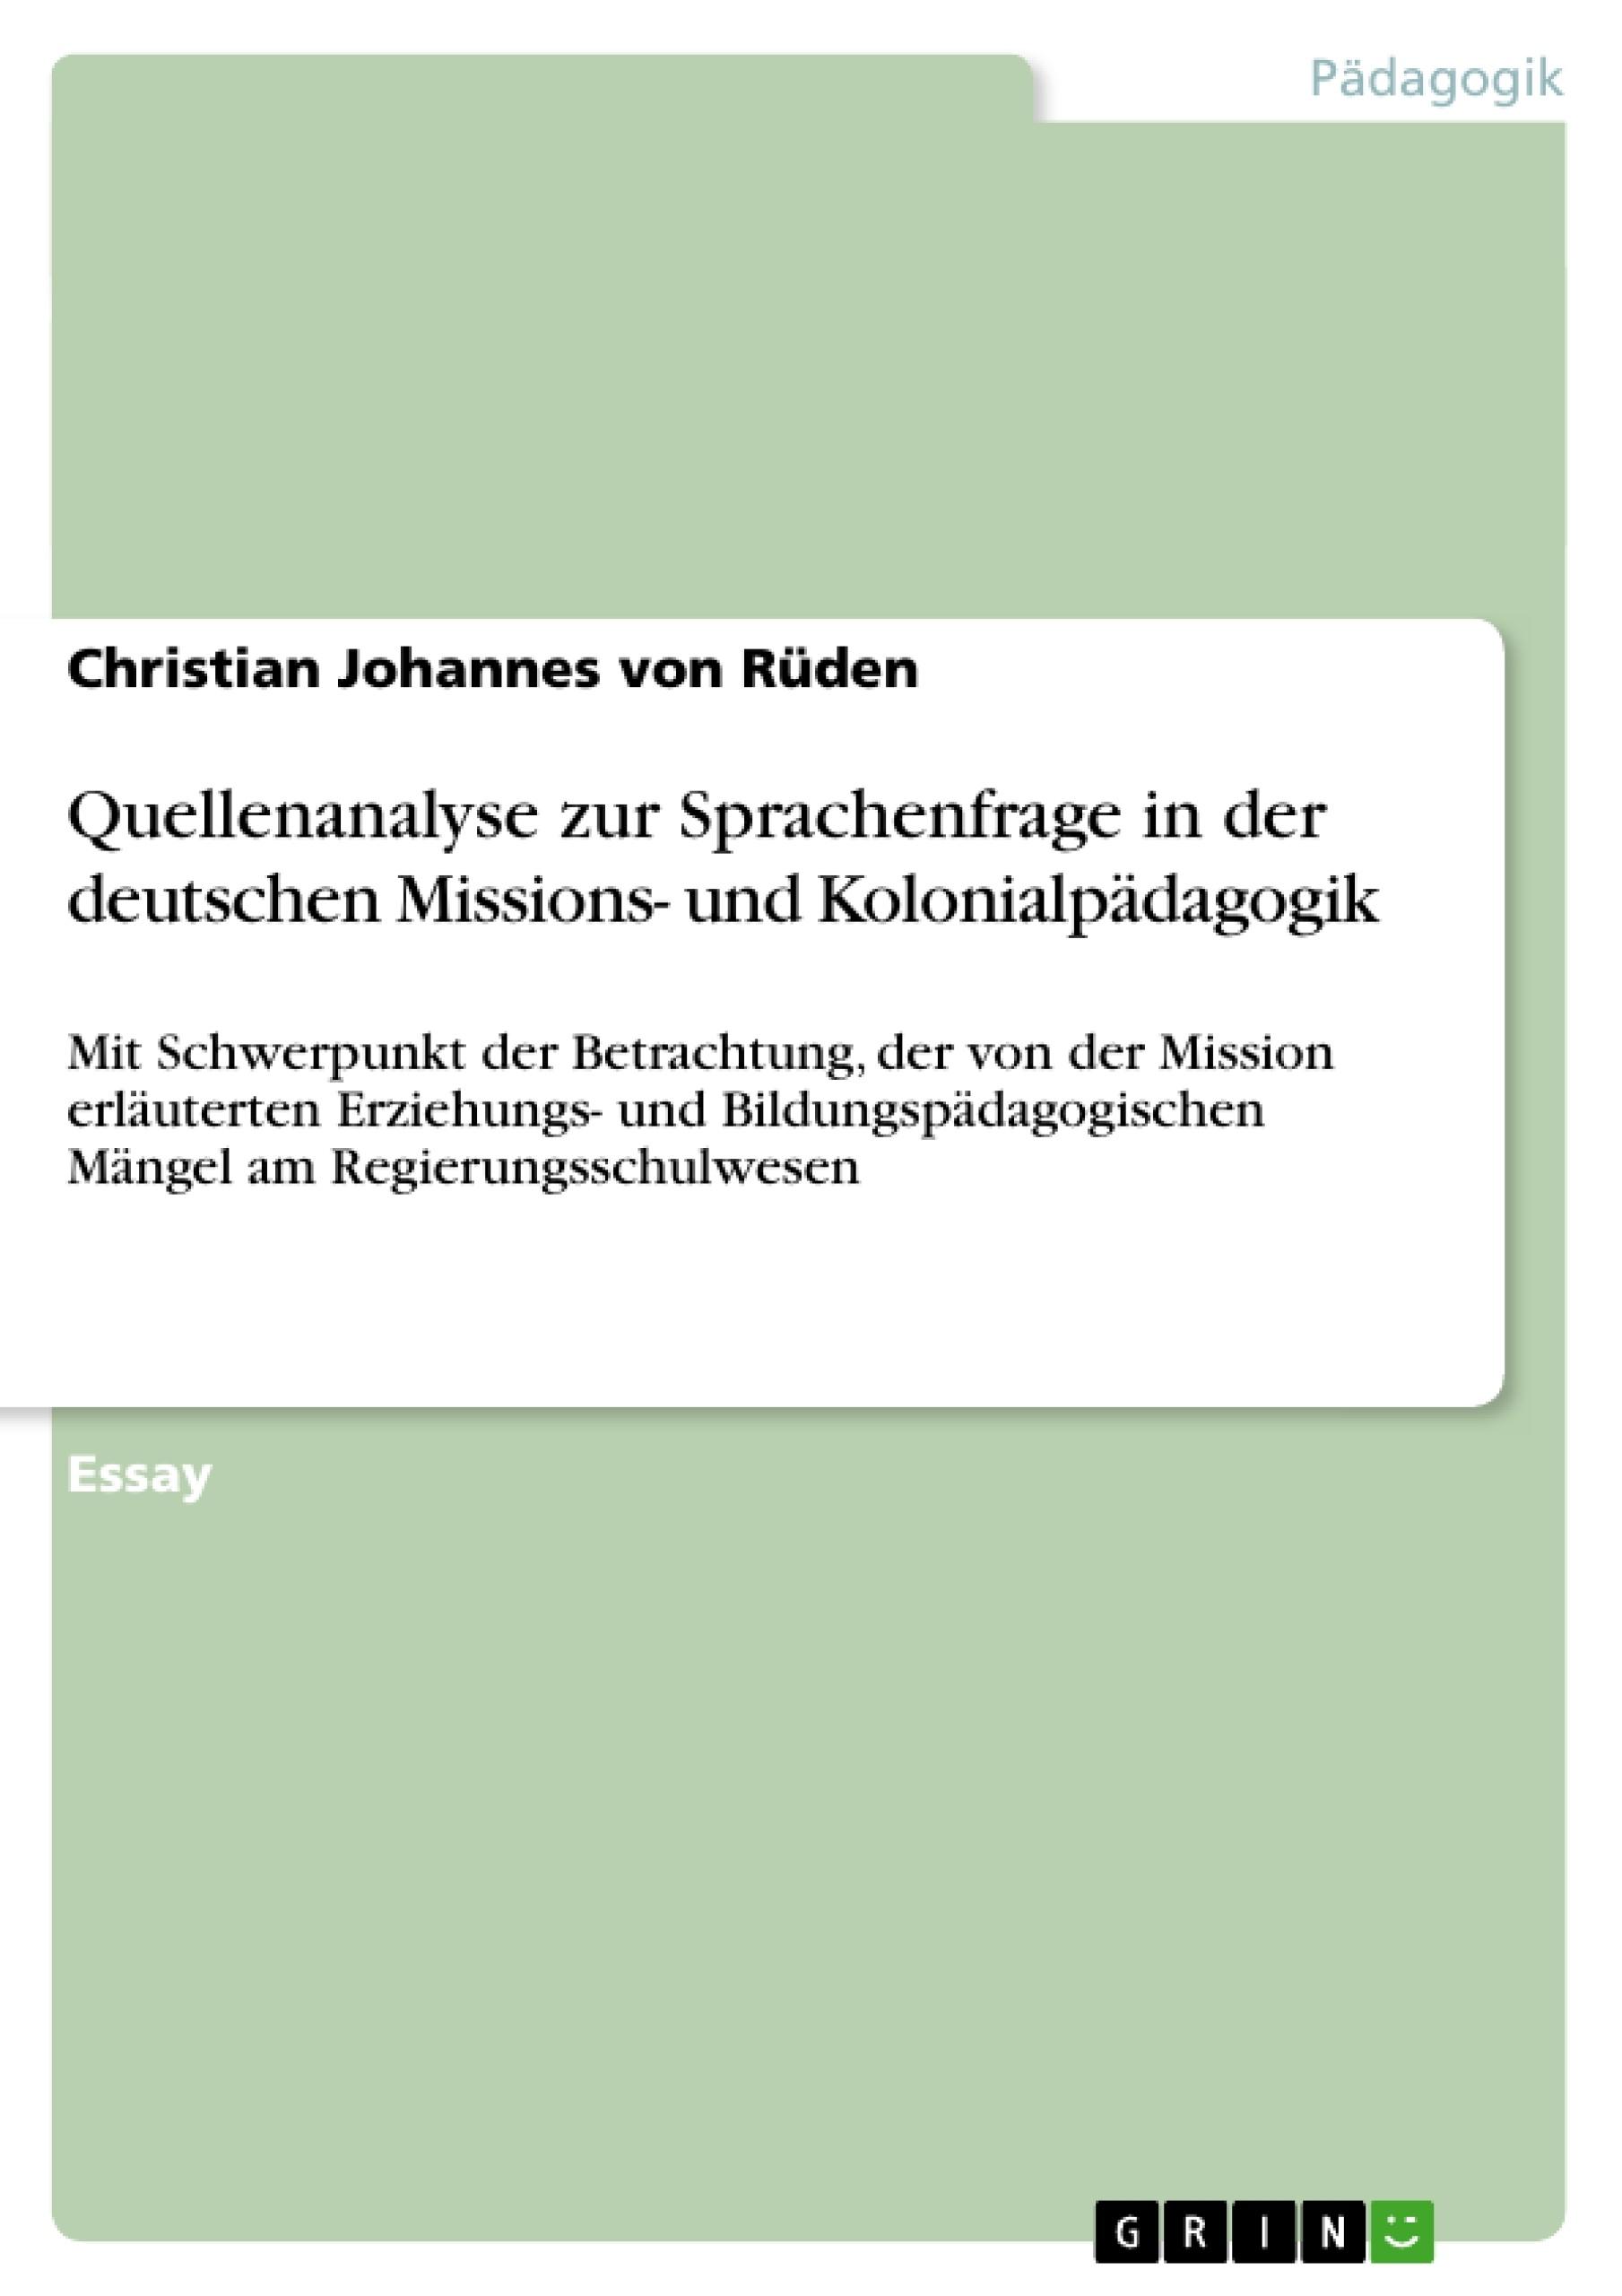 Titel: Quellenanalyse zur Sprachenfrage in der deutschen Missions- und Kolonialpädagogik